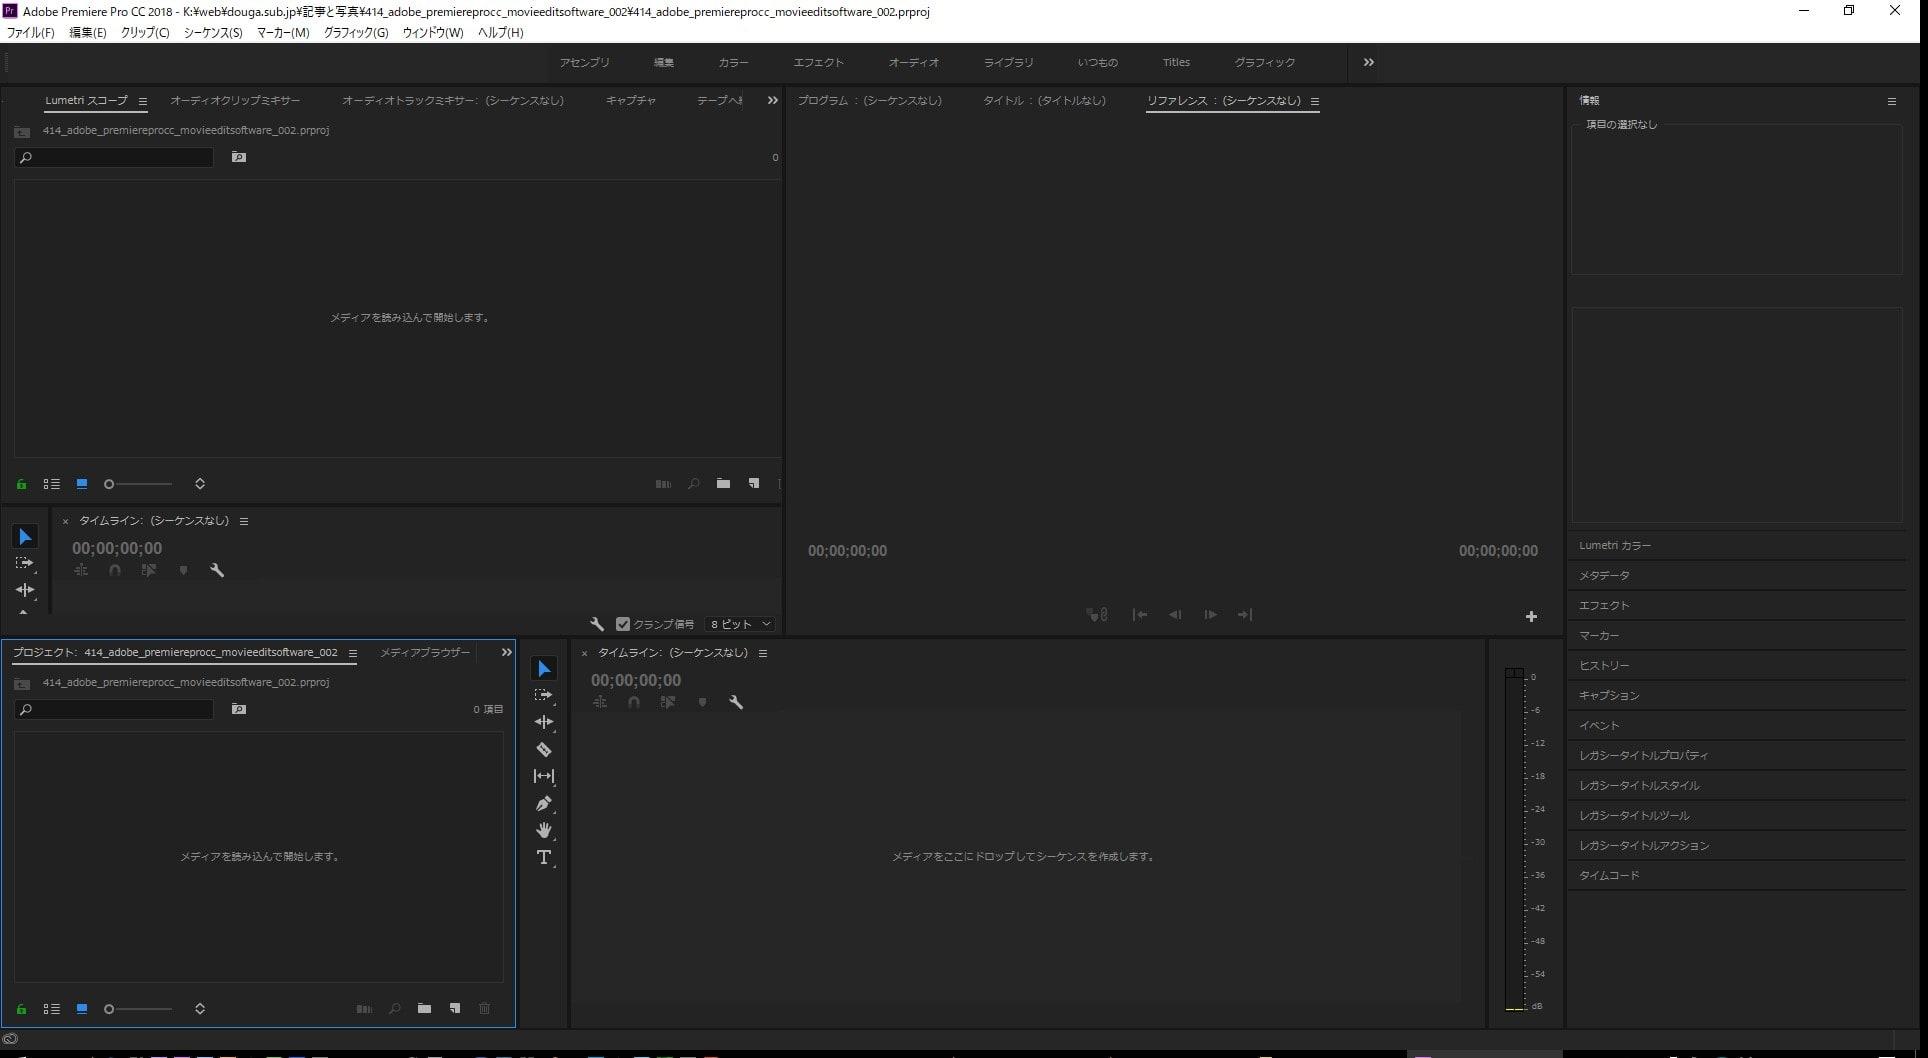 動画編集ソフトAdobe Premiere Pro CC プロジェクト画面